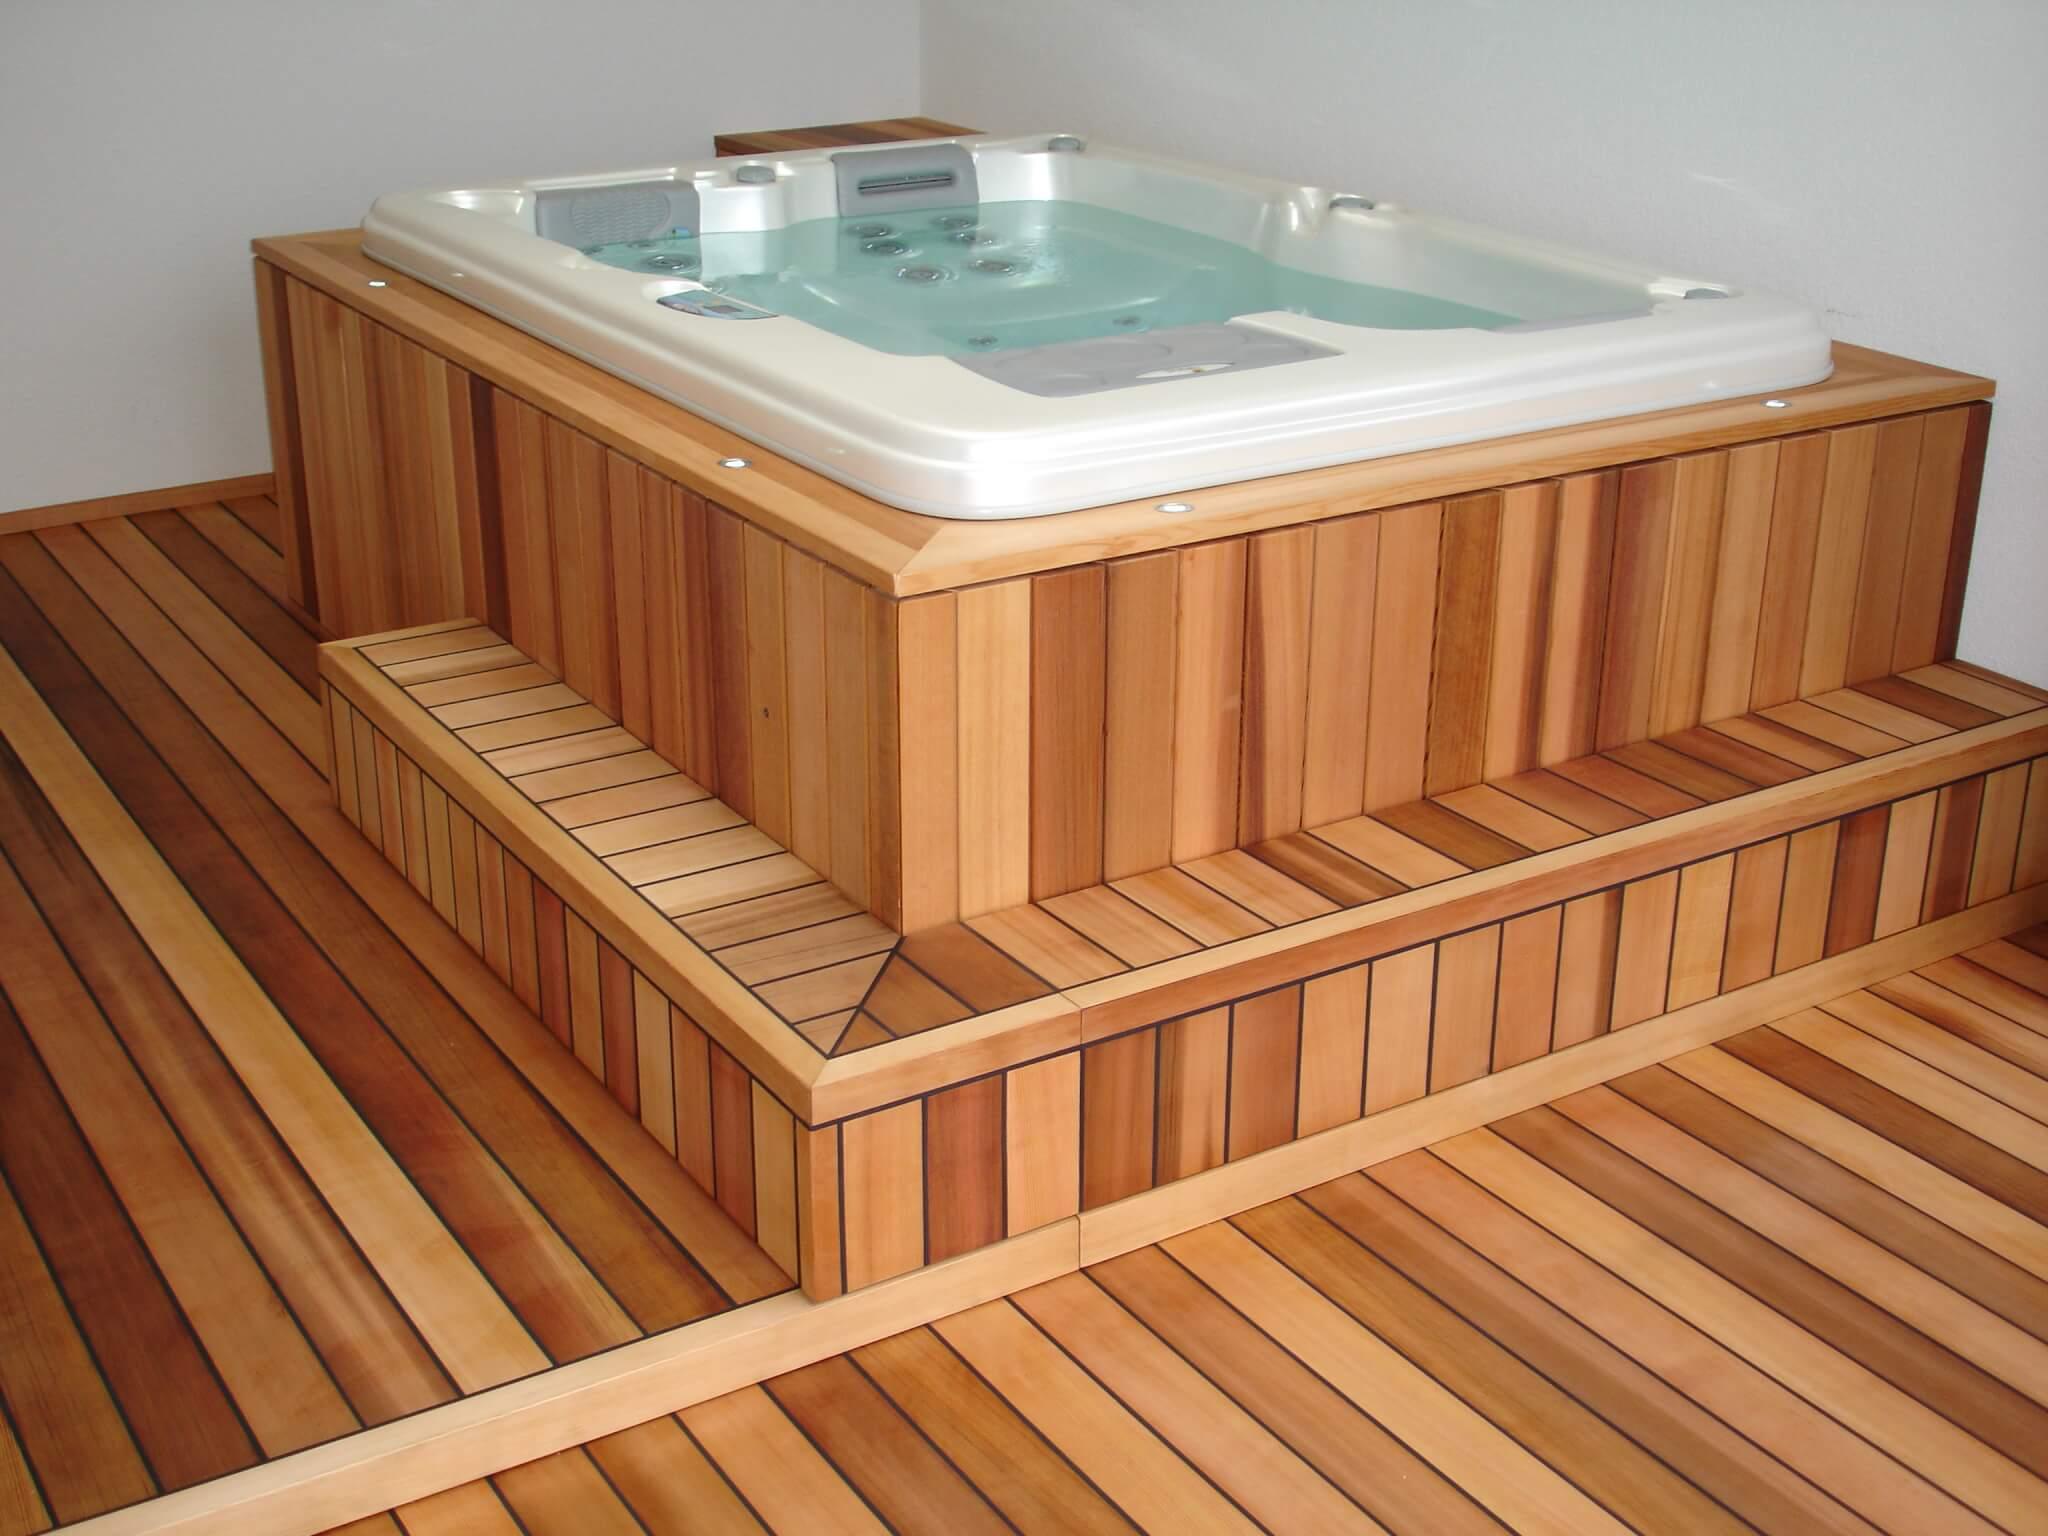 Whirlpool indoor und Holzterrasse mit 1 Stufe Formare 9